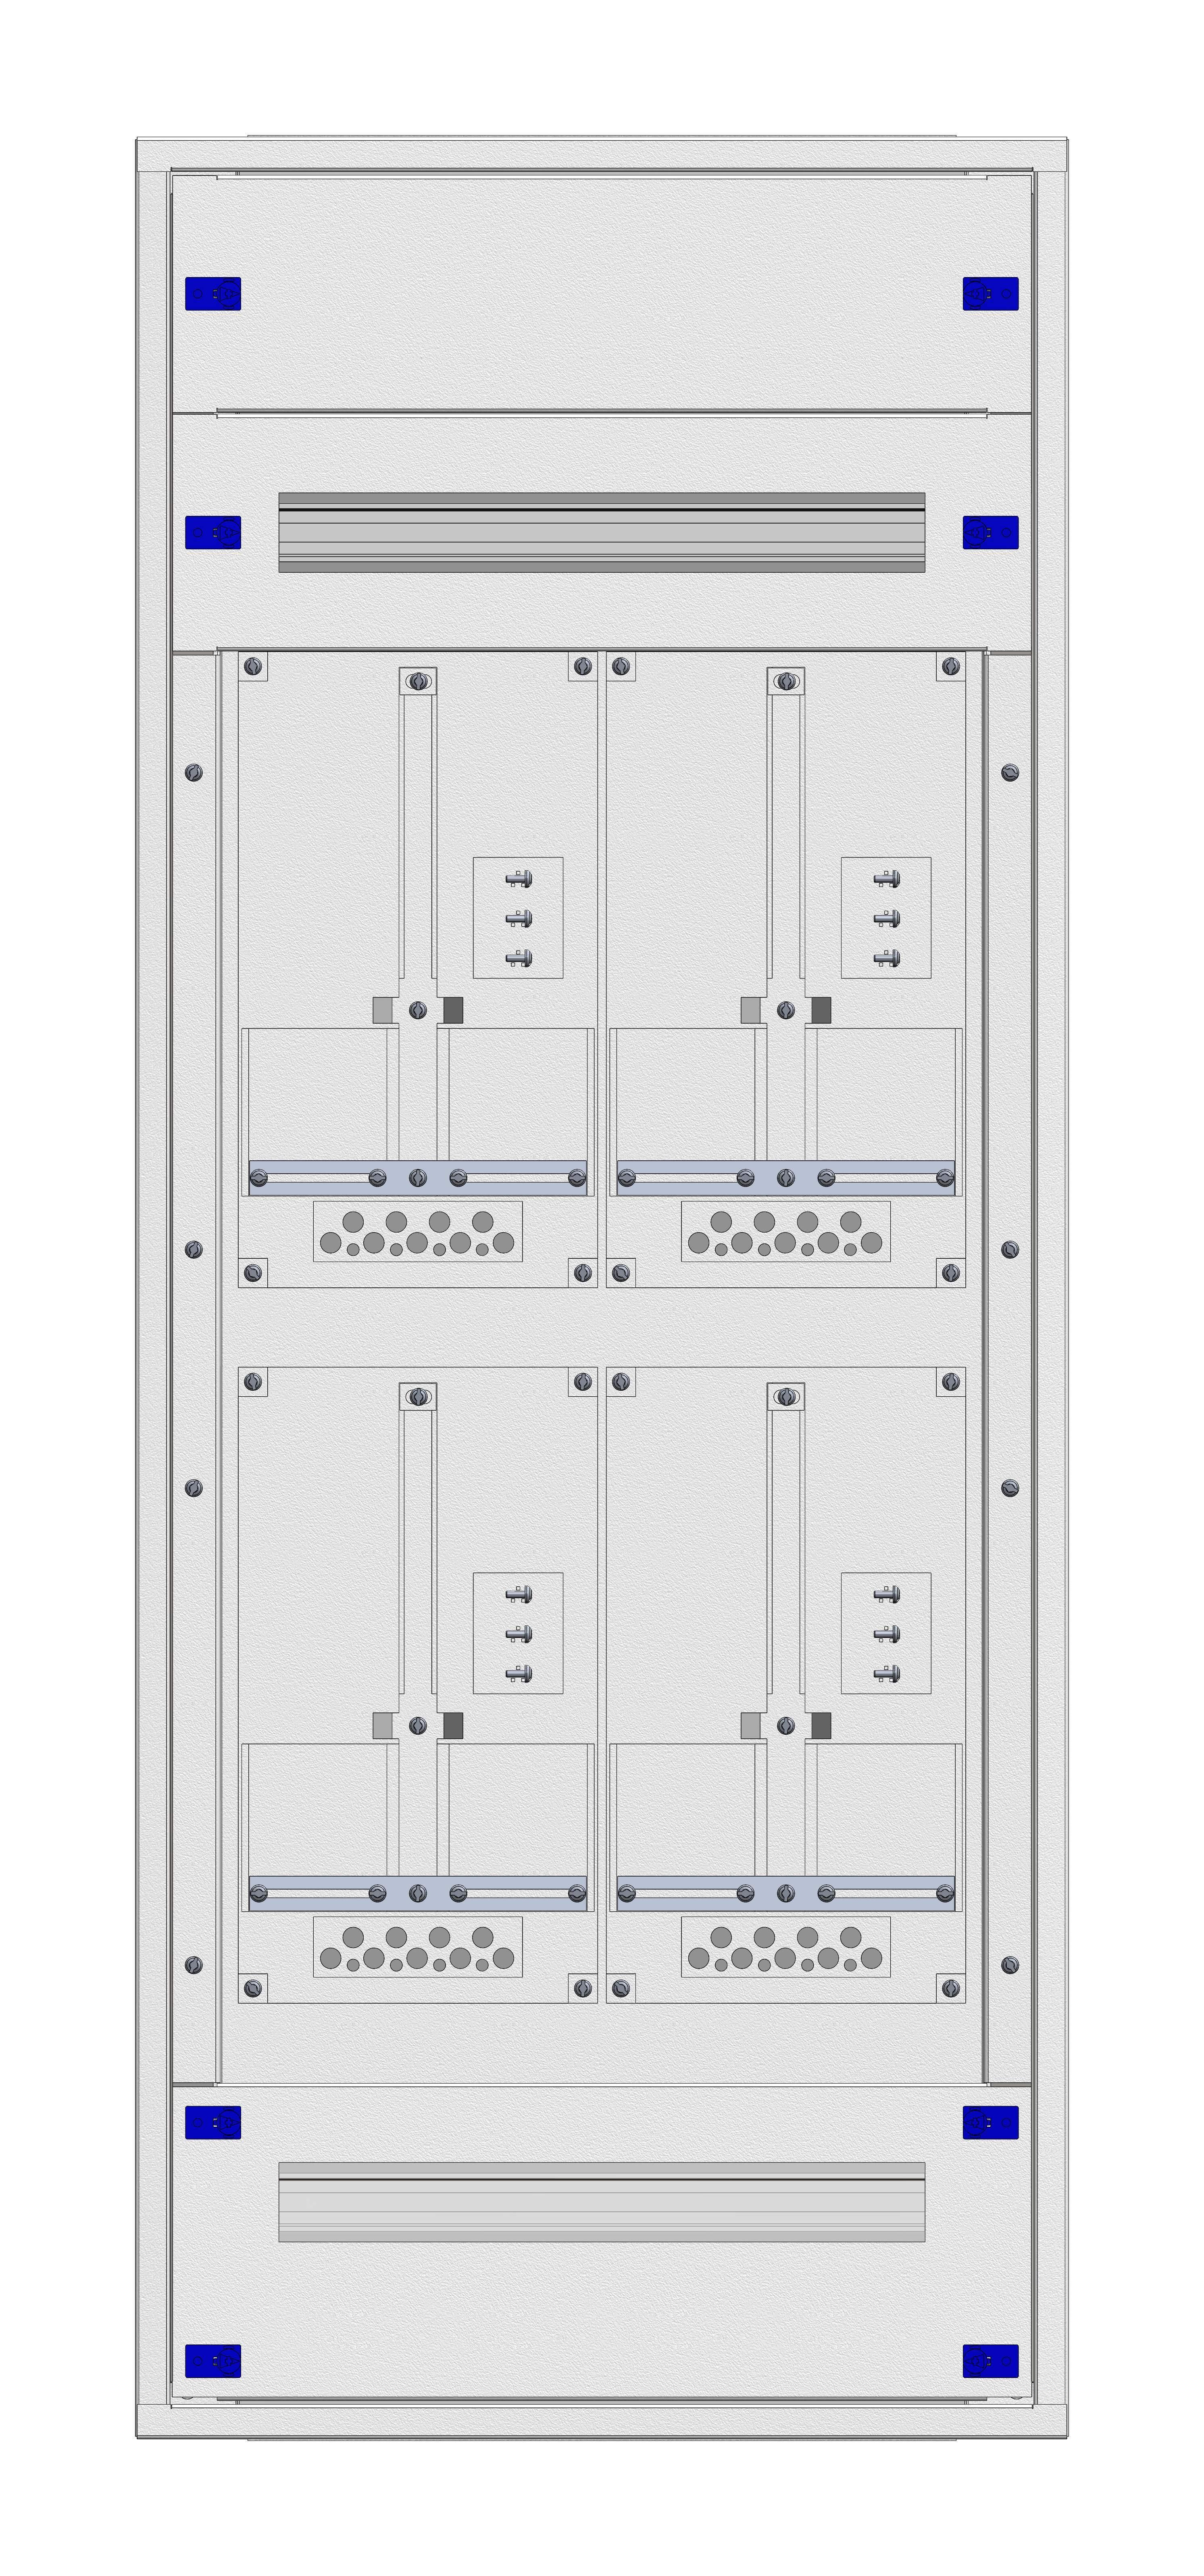 1 Stk Aufputz-Zählerverteiler 2A-28G/VBG 4ZP, H1380B590T250mm IL162228VS